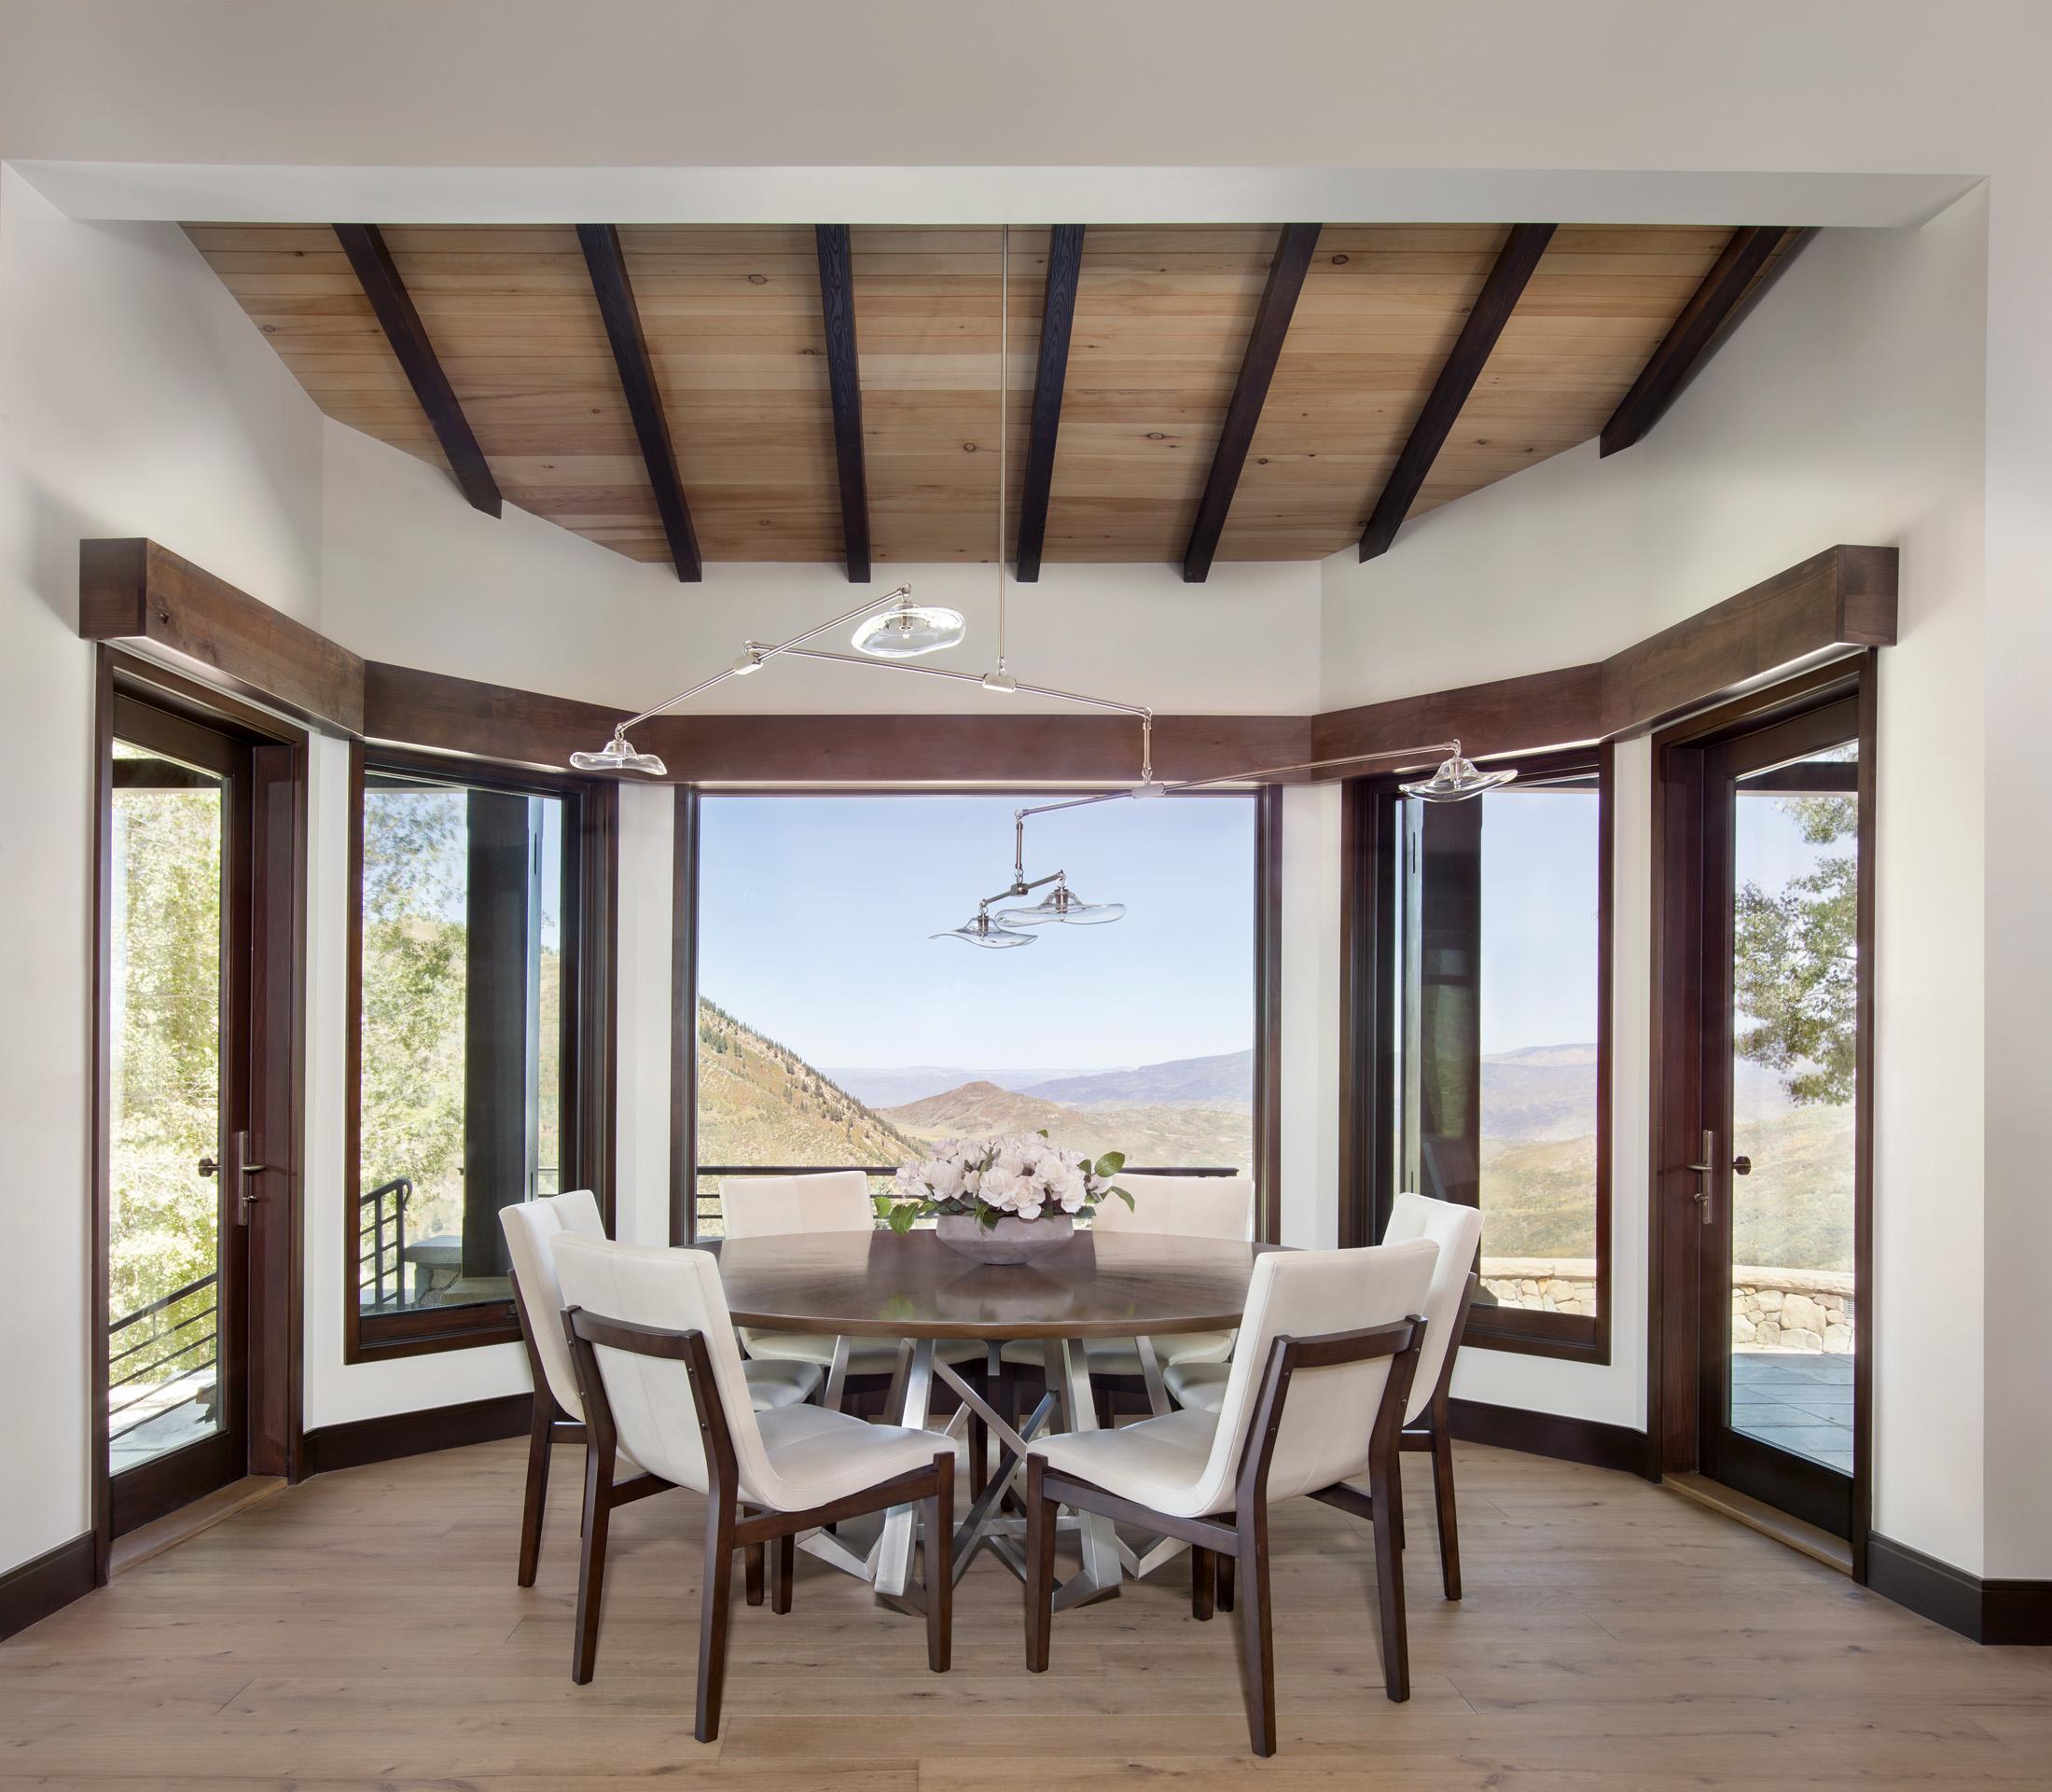 Interior Design by Anne Grice Interiors